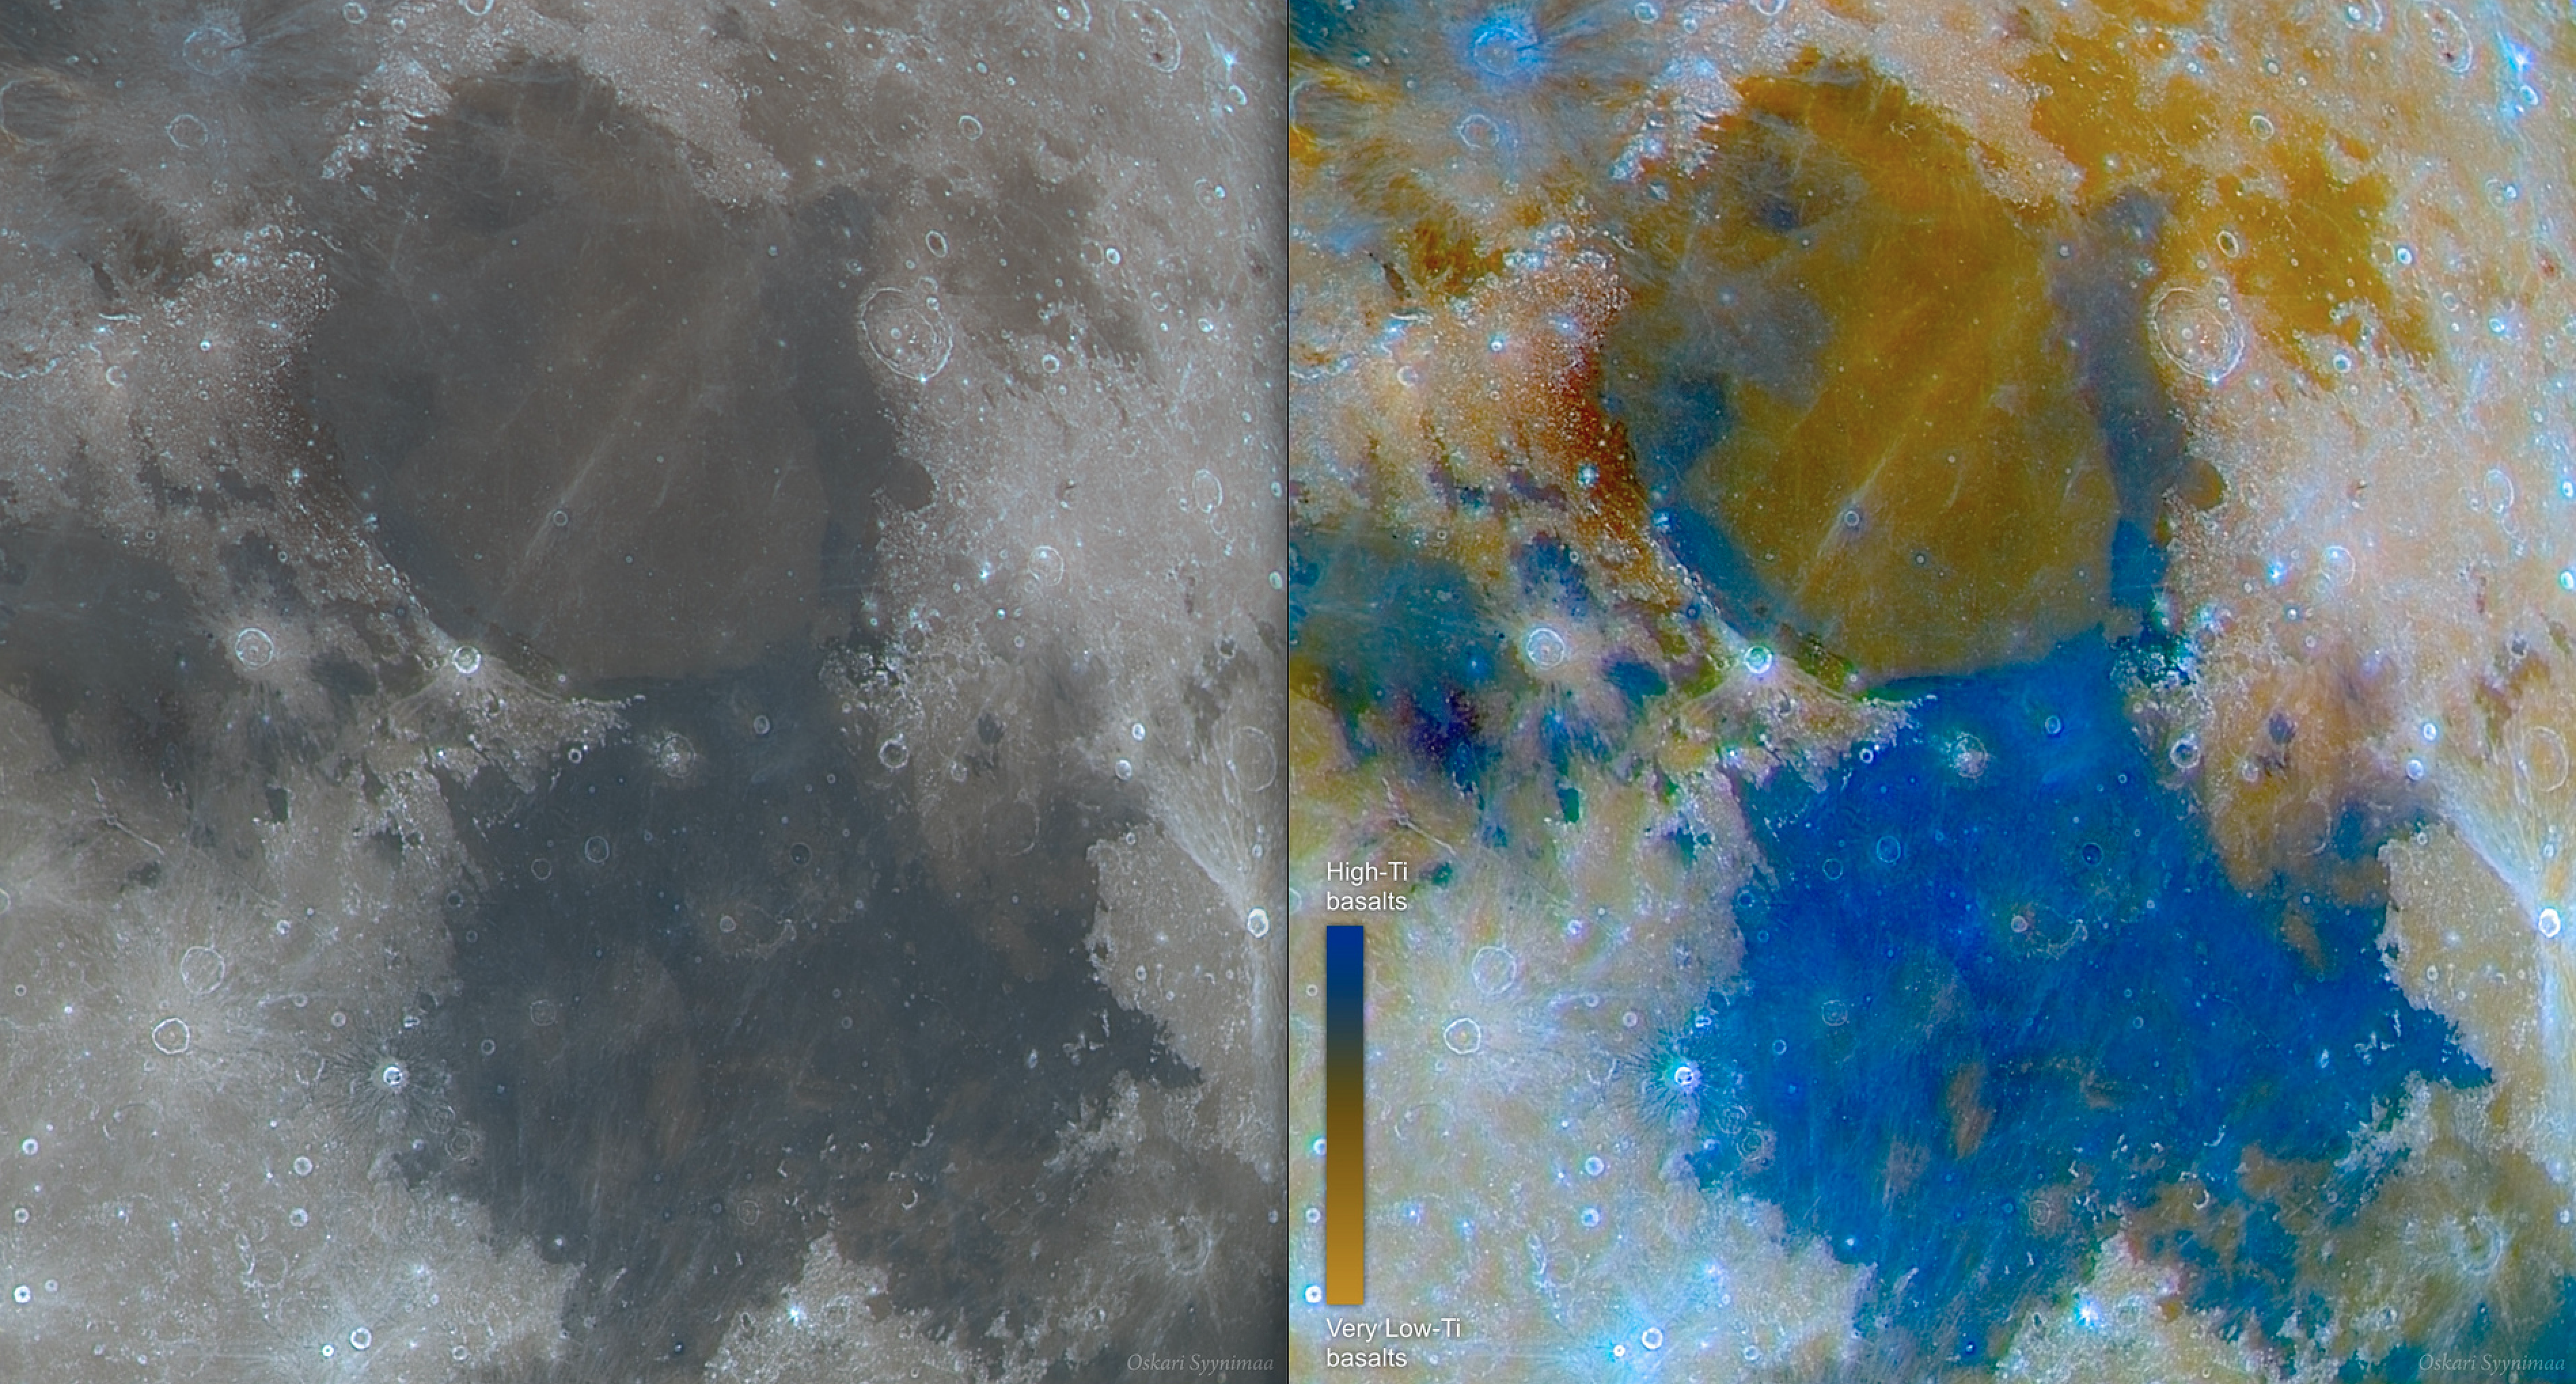 Mare Serenitatis ja Mare Tranquillitatis kuvattuna värisuodattimin 12.3.2017 klo 0.50 sekä sen pohjalta tehty basalttikartta. ASI290MM, Astronomik ProPlanet 807 IR-pass -suodin, ZWO RGB-suotimet, SW Skyliner 350P Flextube (355/1650 mm), Firecapture, Autostakkert!2, Photoshop CS6. Kuva: Oskari Syynimaa.